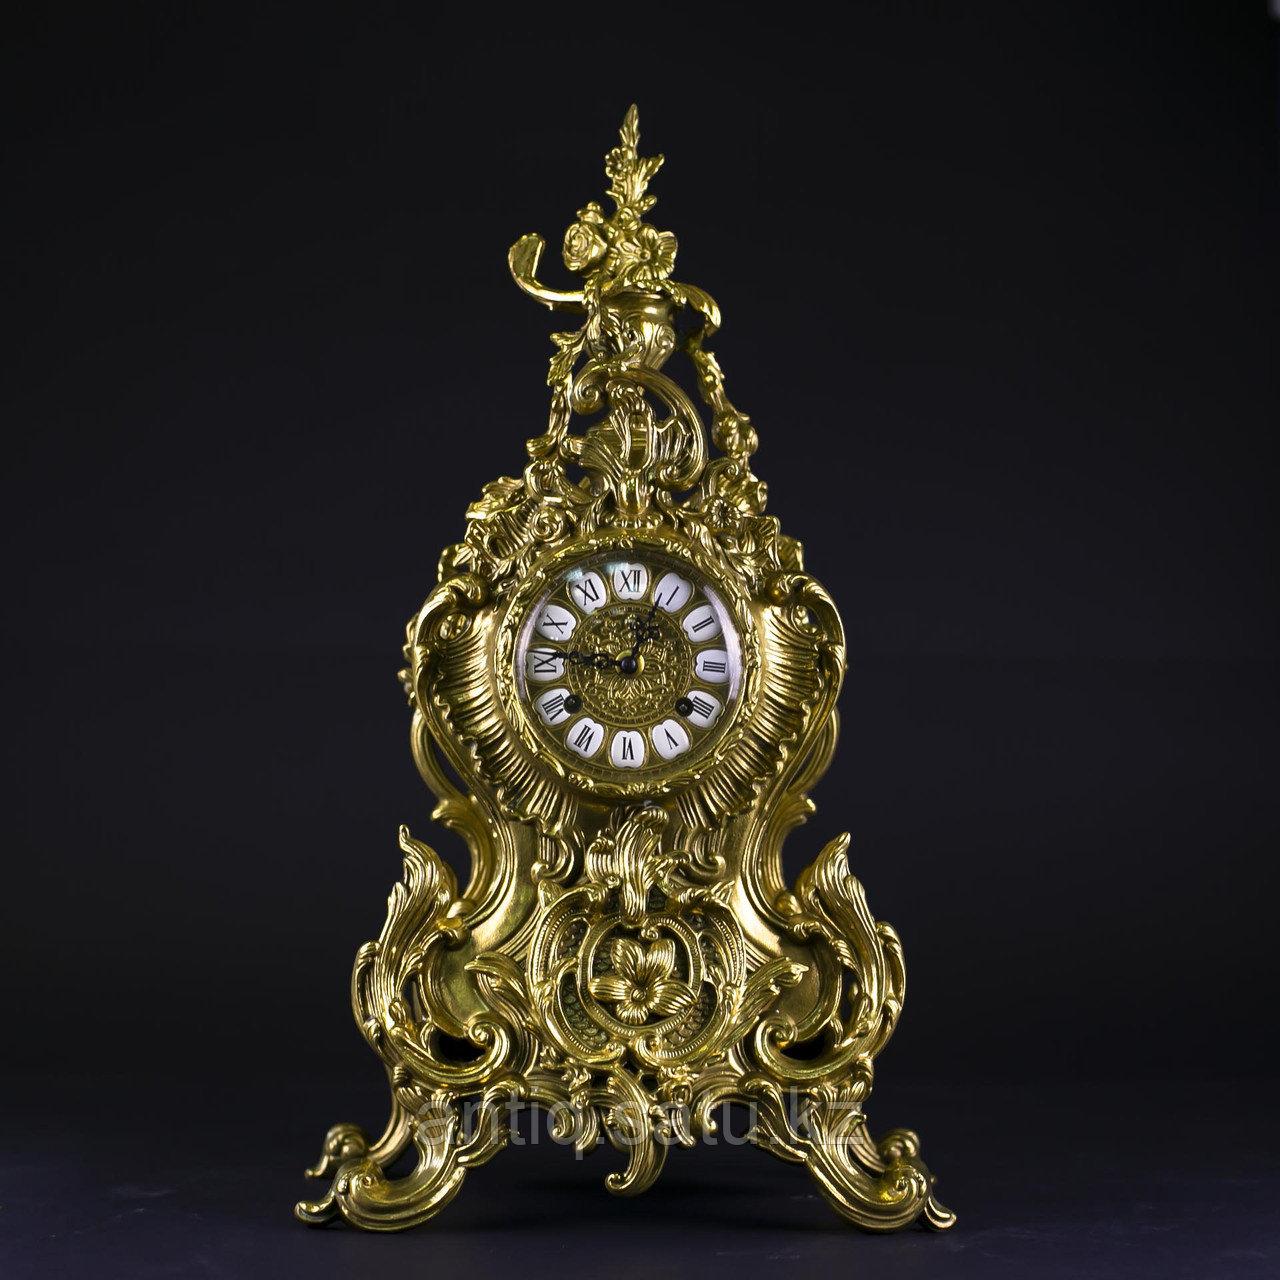 Часовой гарнитур в стиле Неорококо Часовая мастерская Franz Hermle & Sohne - фото 3